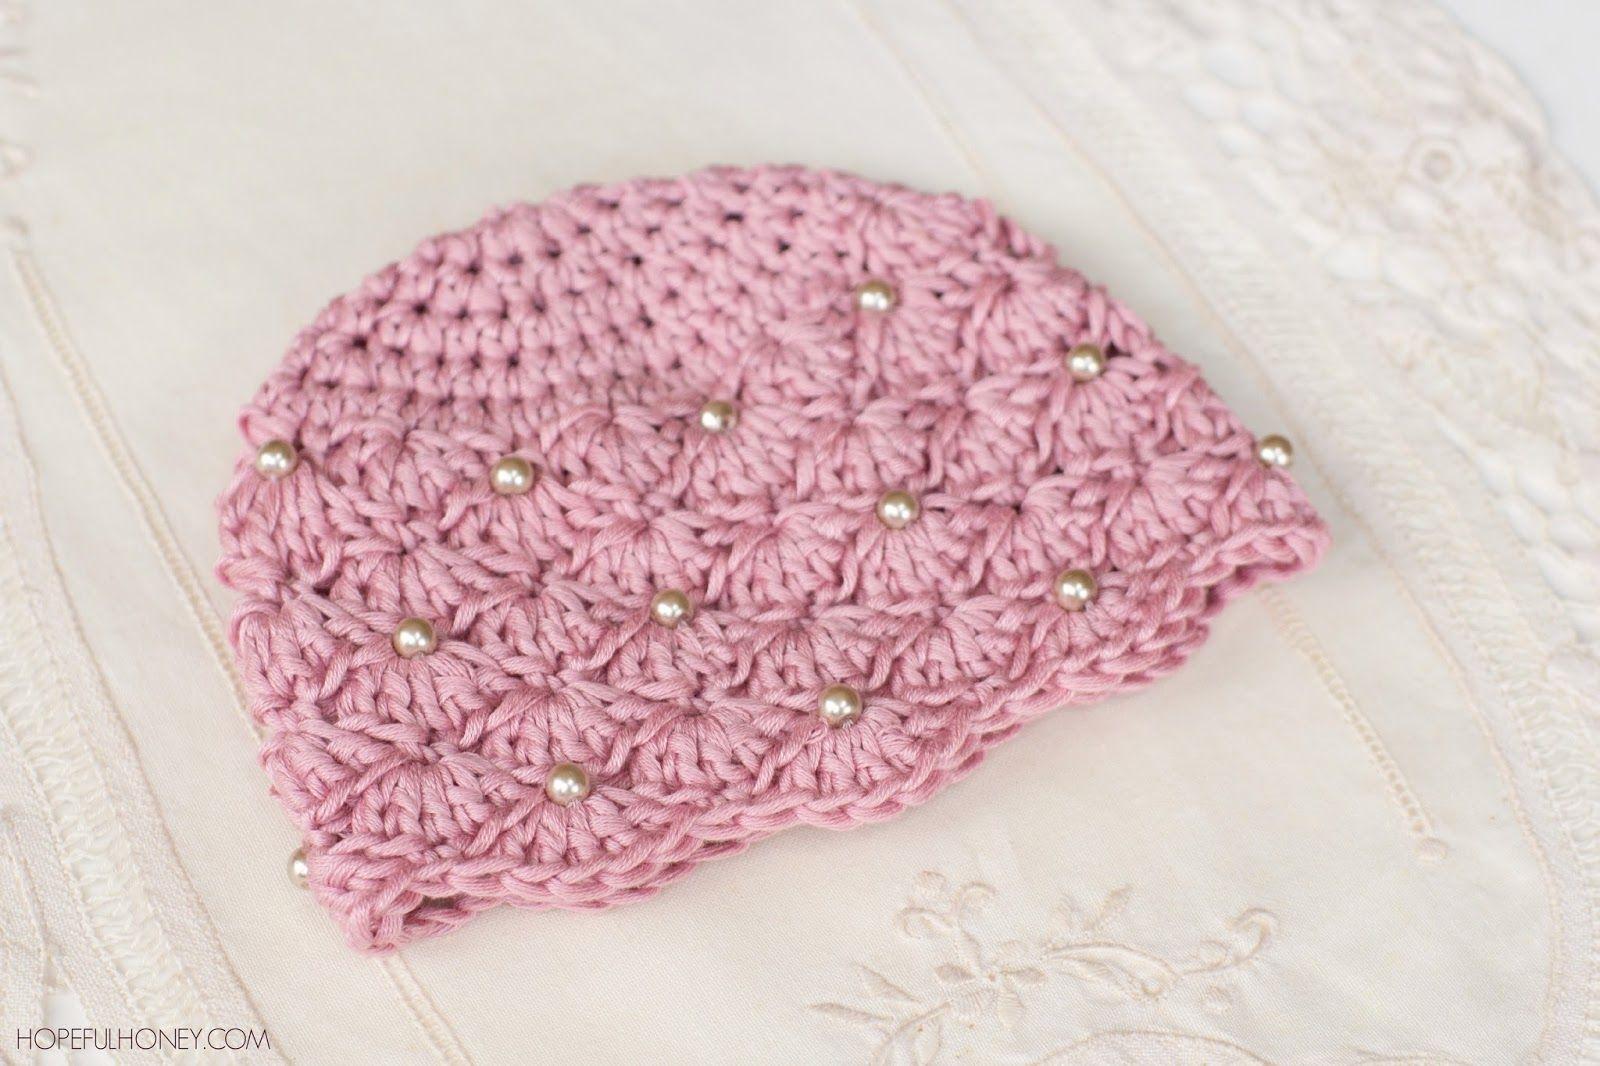 Vintage pearl baby hat free crochet pattern vintage pearls vintage pearl baby hat free crochet pattern bankloansurffo Gallery